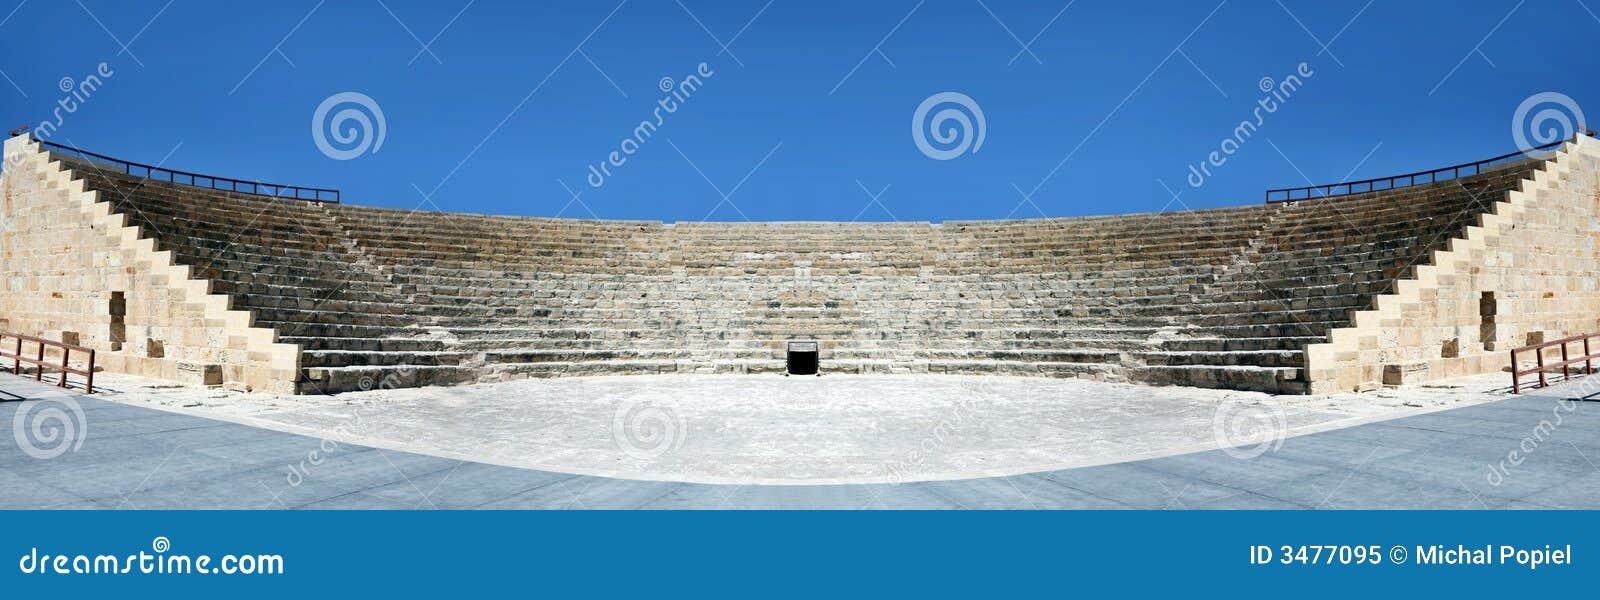 Amphitheatre griego